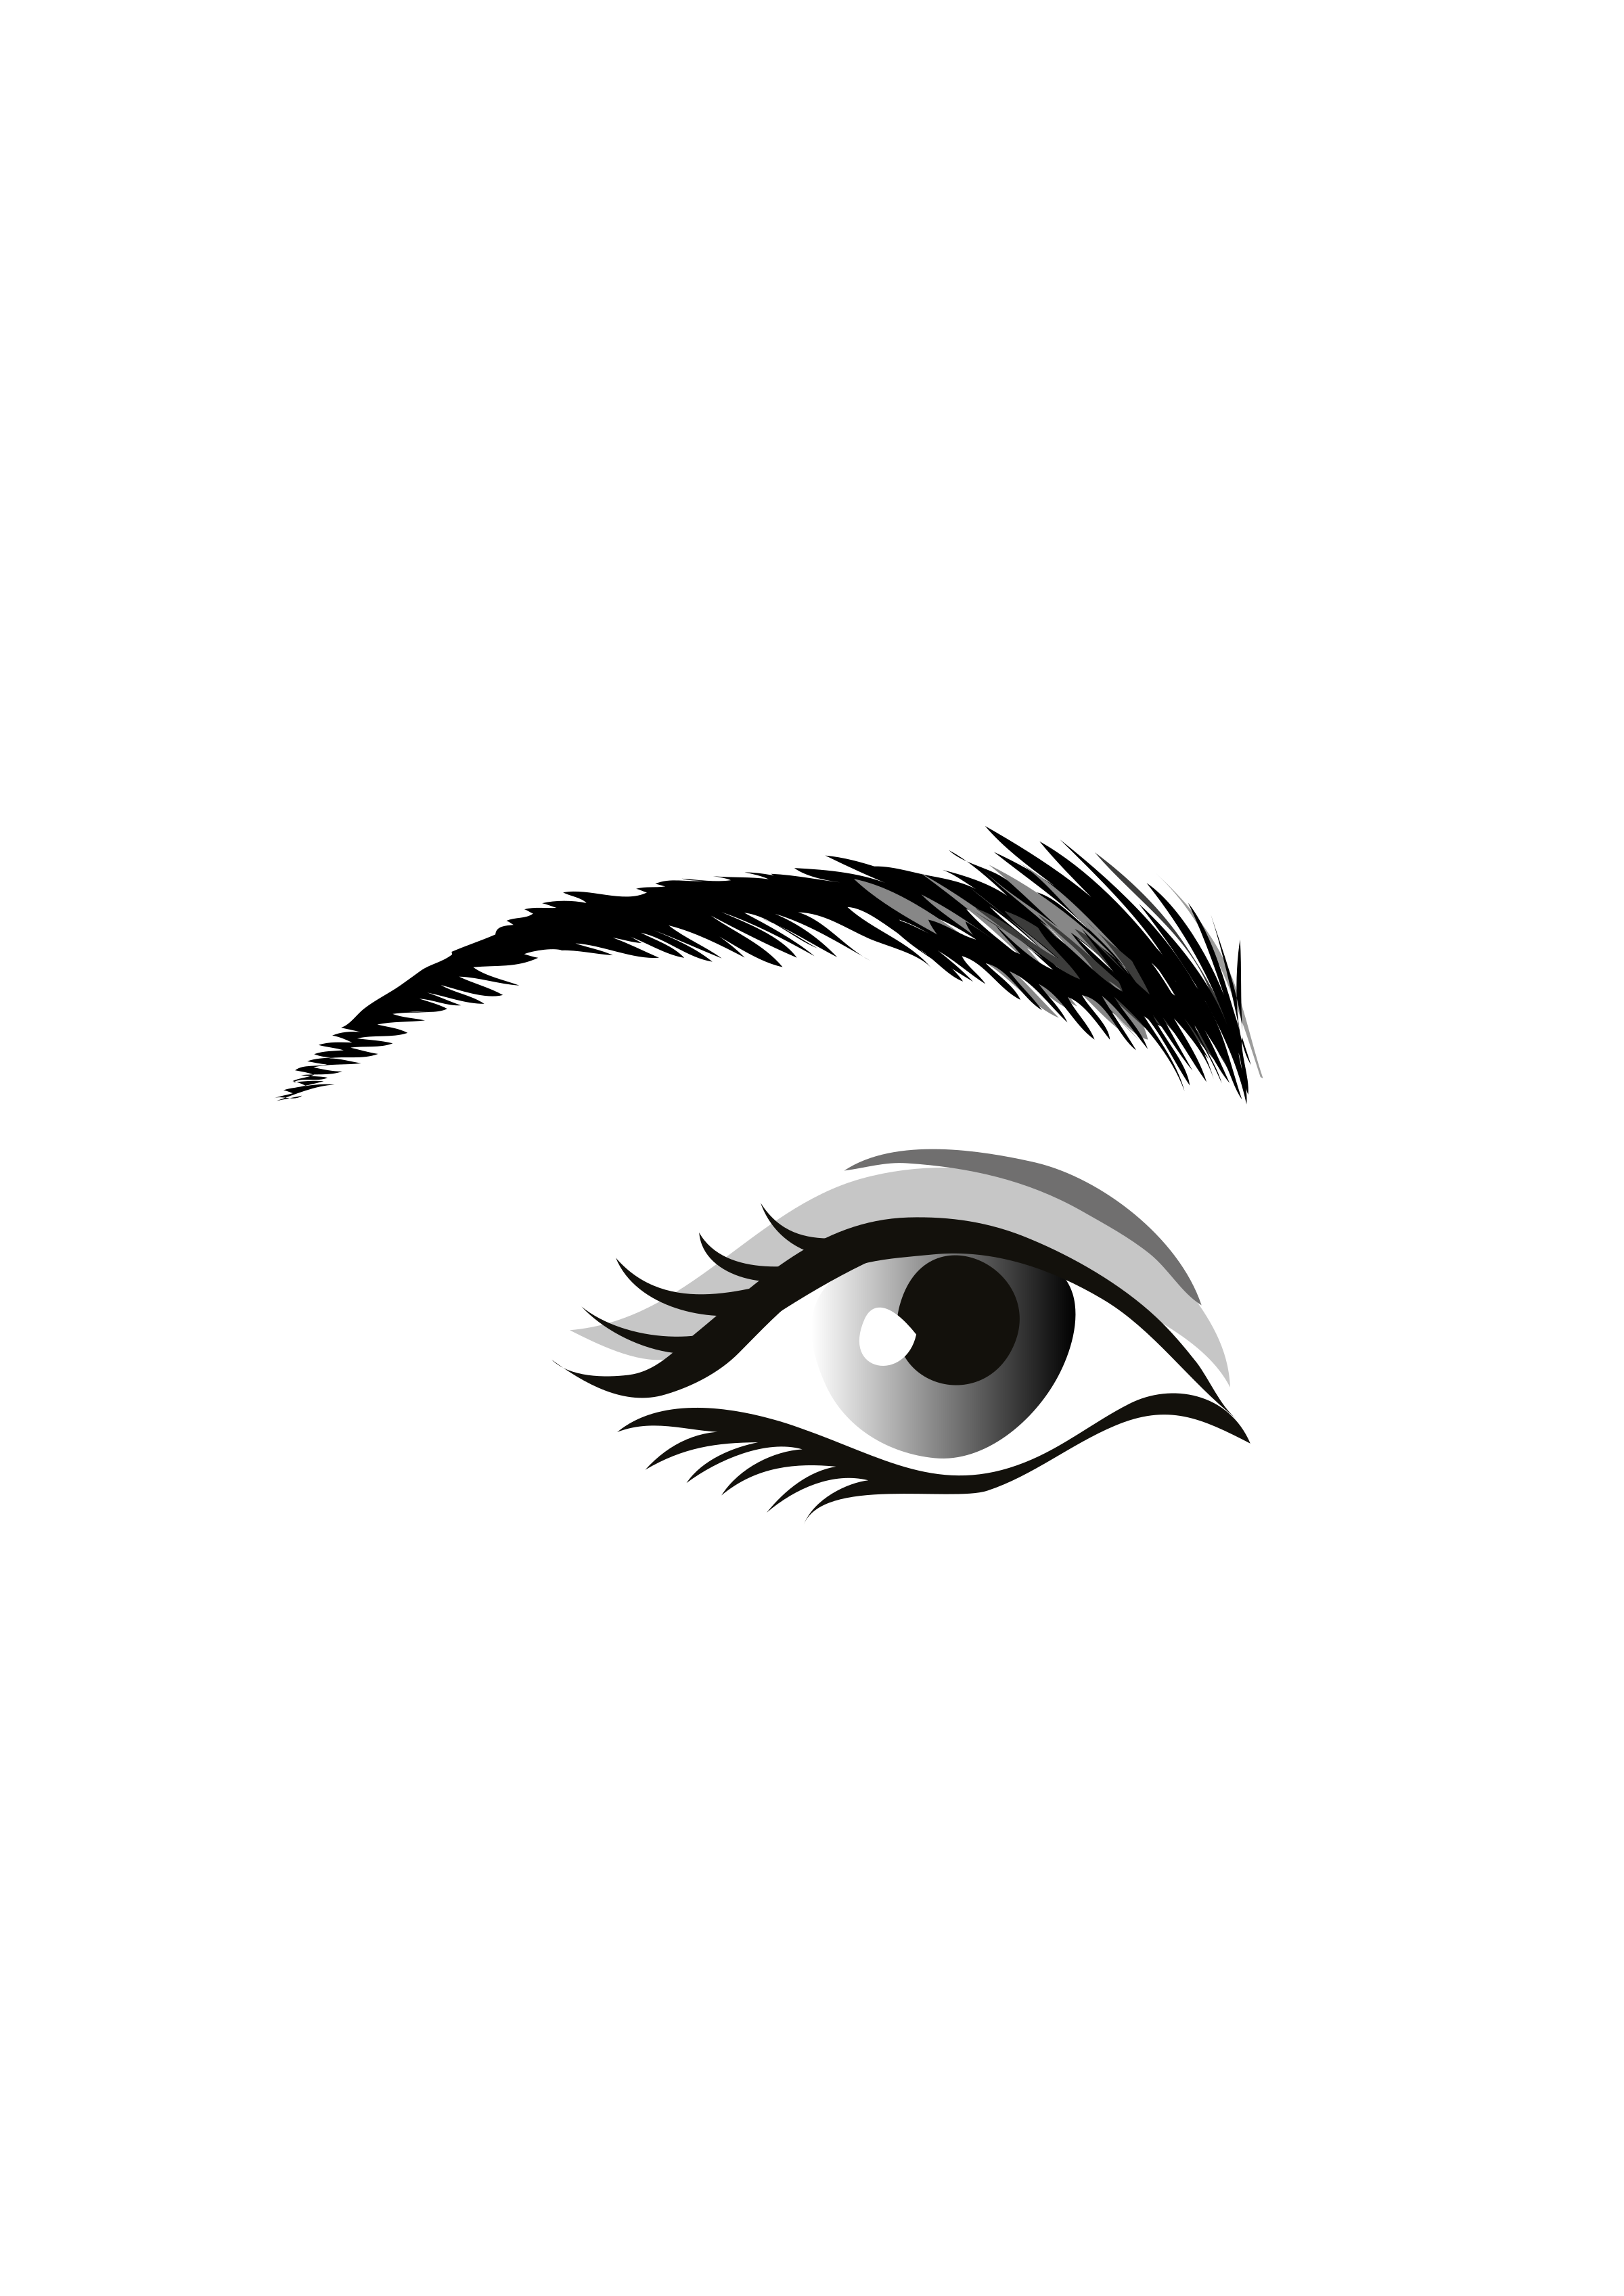 глаза черно белые рисунки живу москве